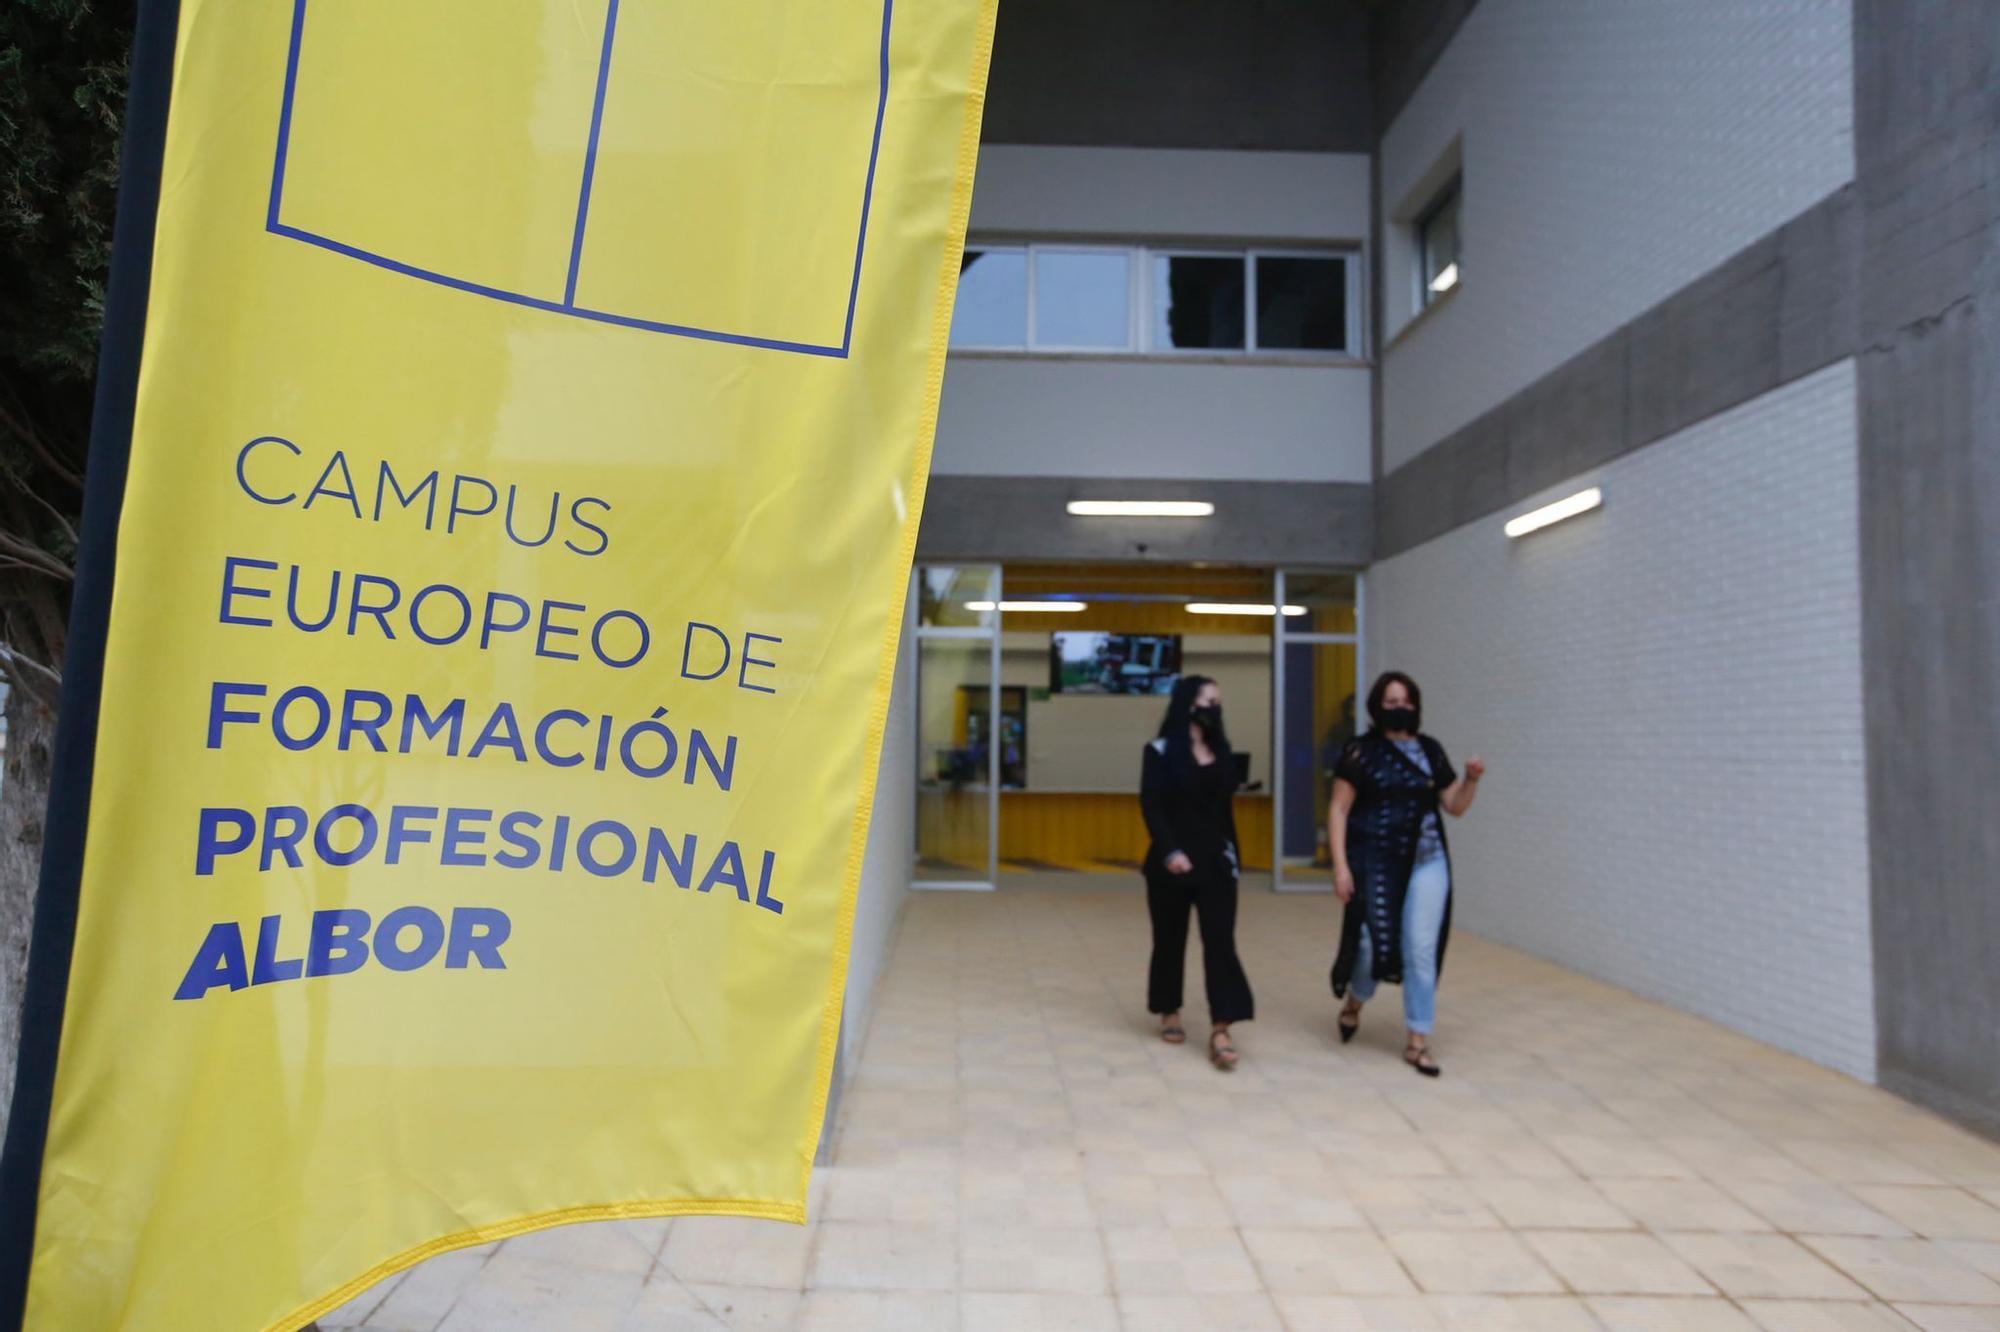 La antigua Agrónomos reabre como campus de Formación Profesional